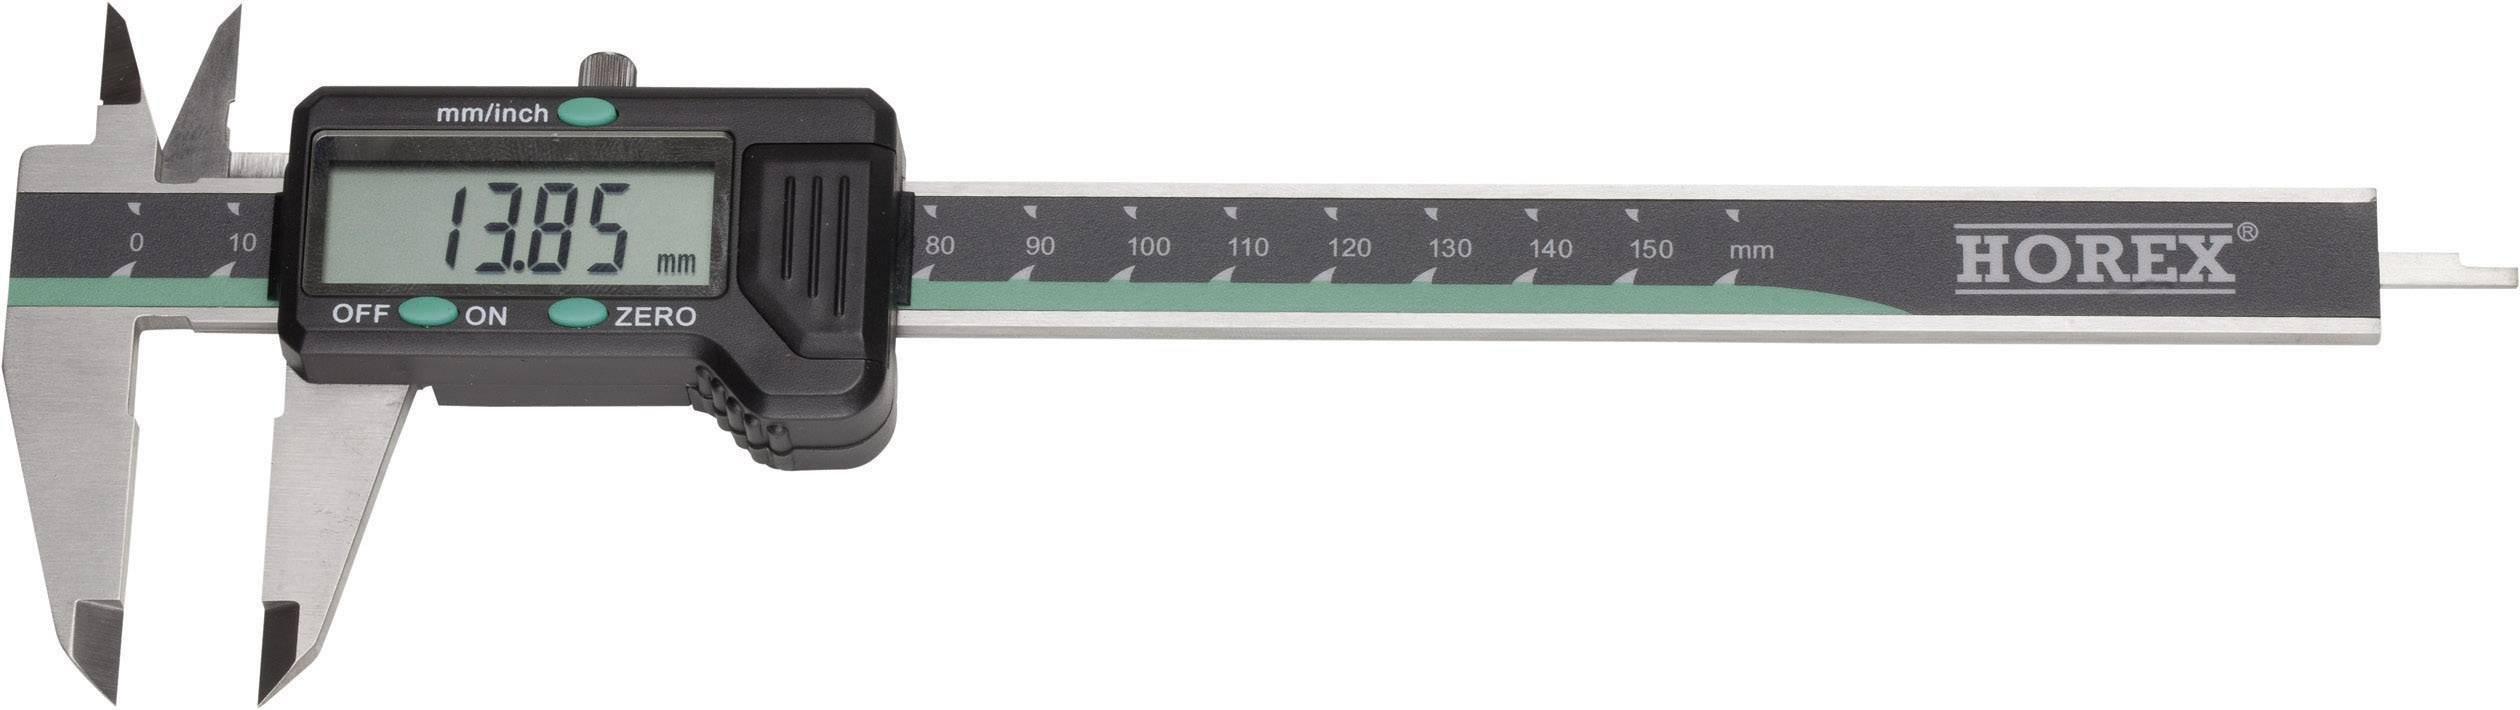 Digitální posuvné měřítko Horex 2211222, měřicí rozsah 300 mm